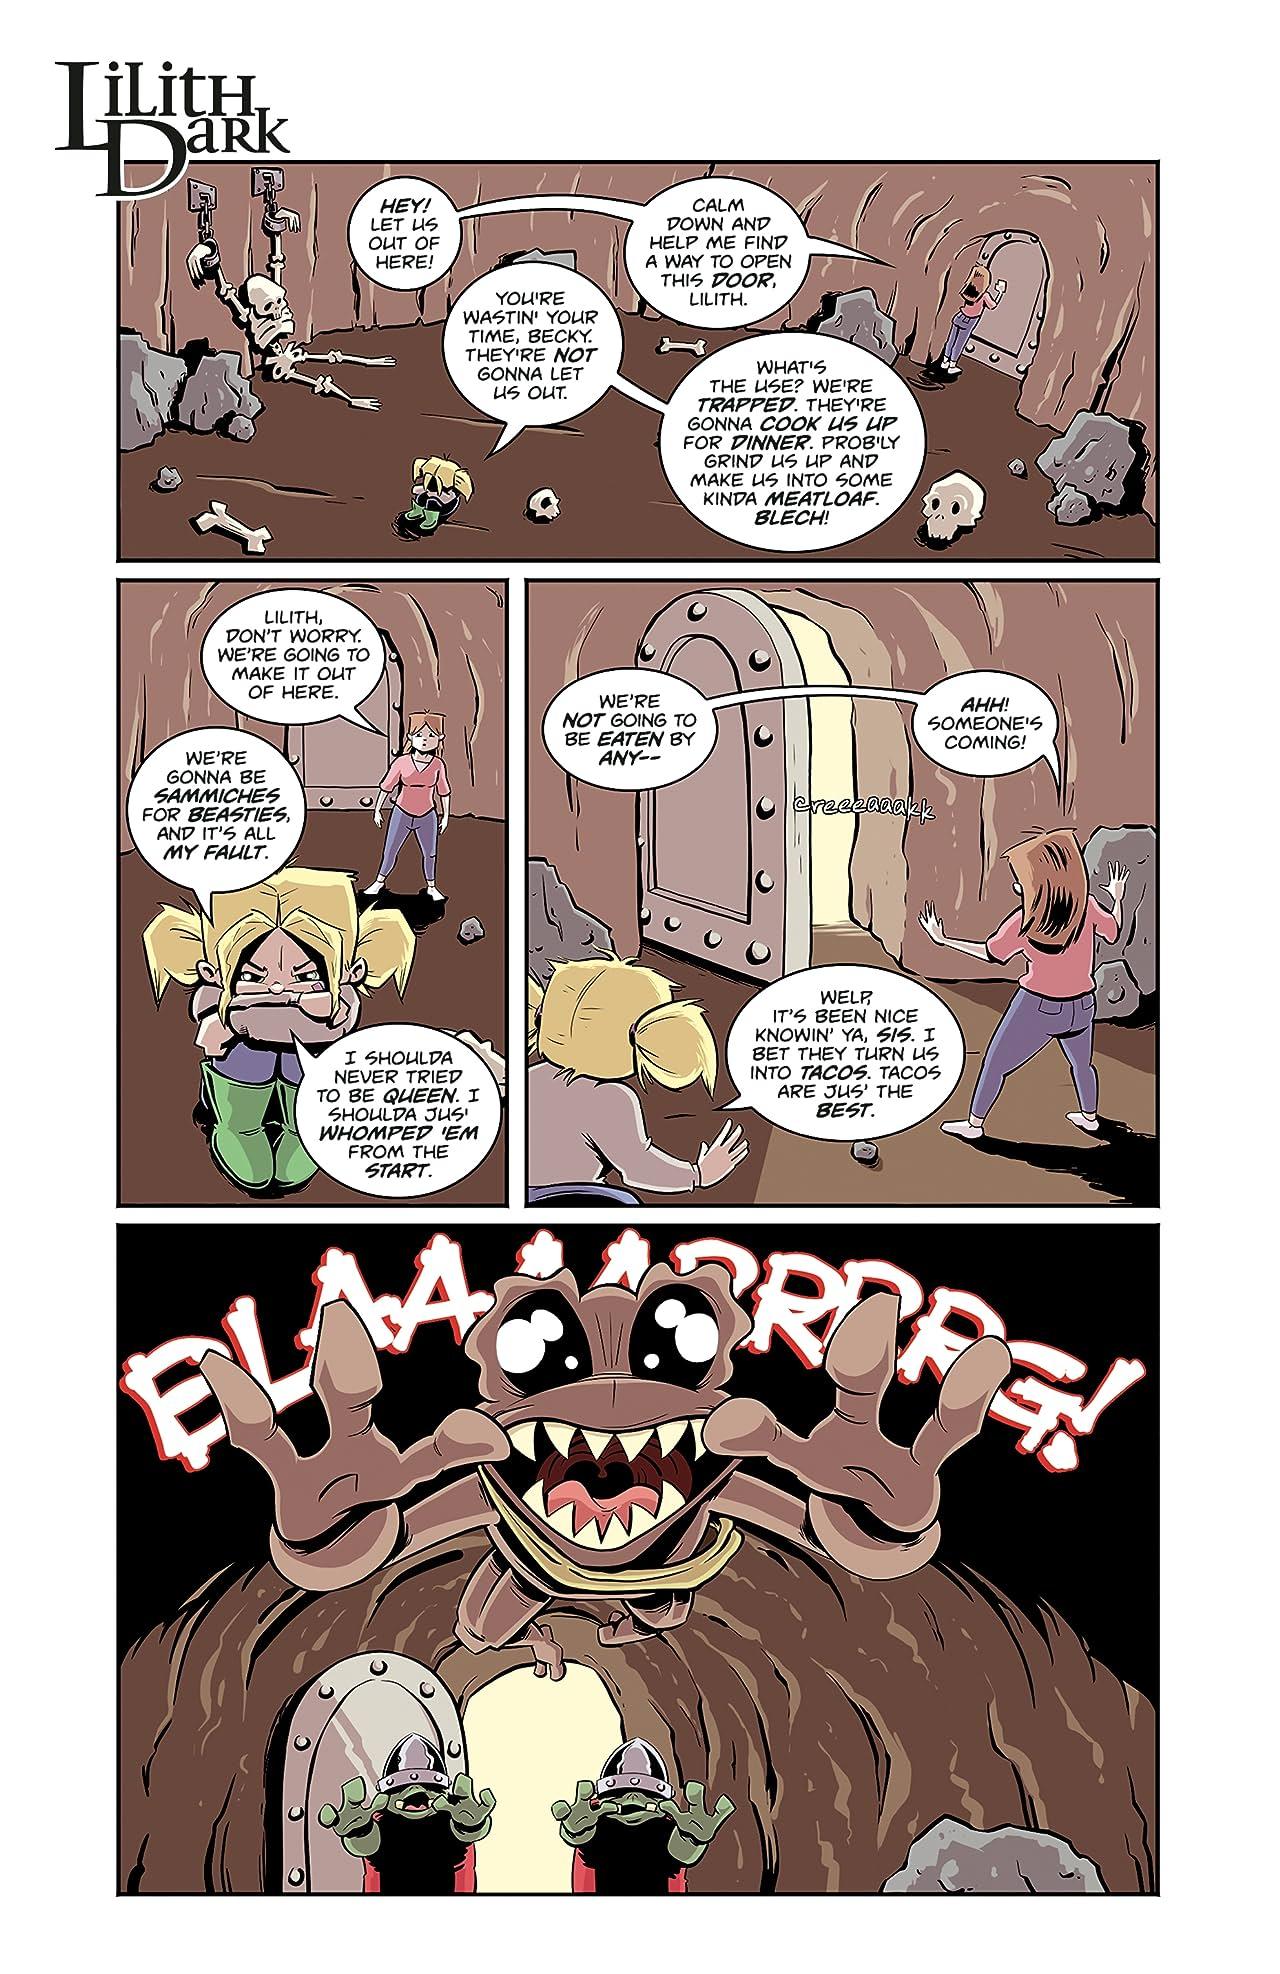 Lilith Dark #3